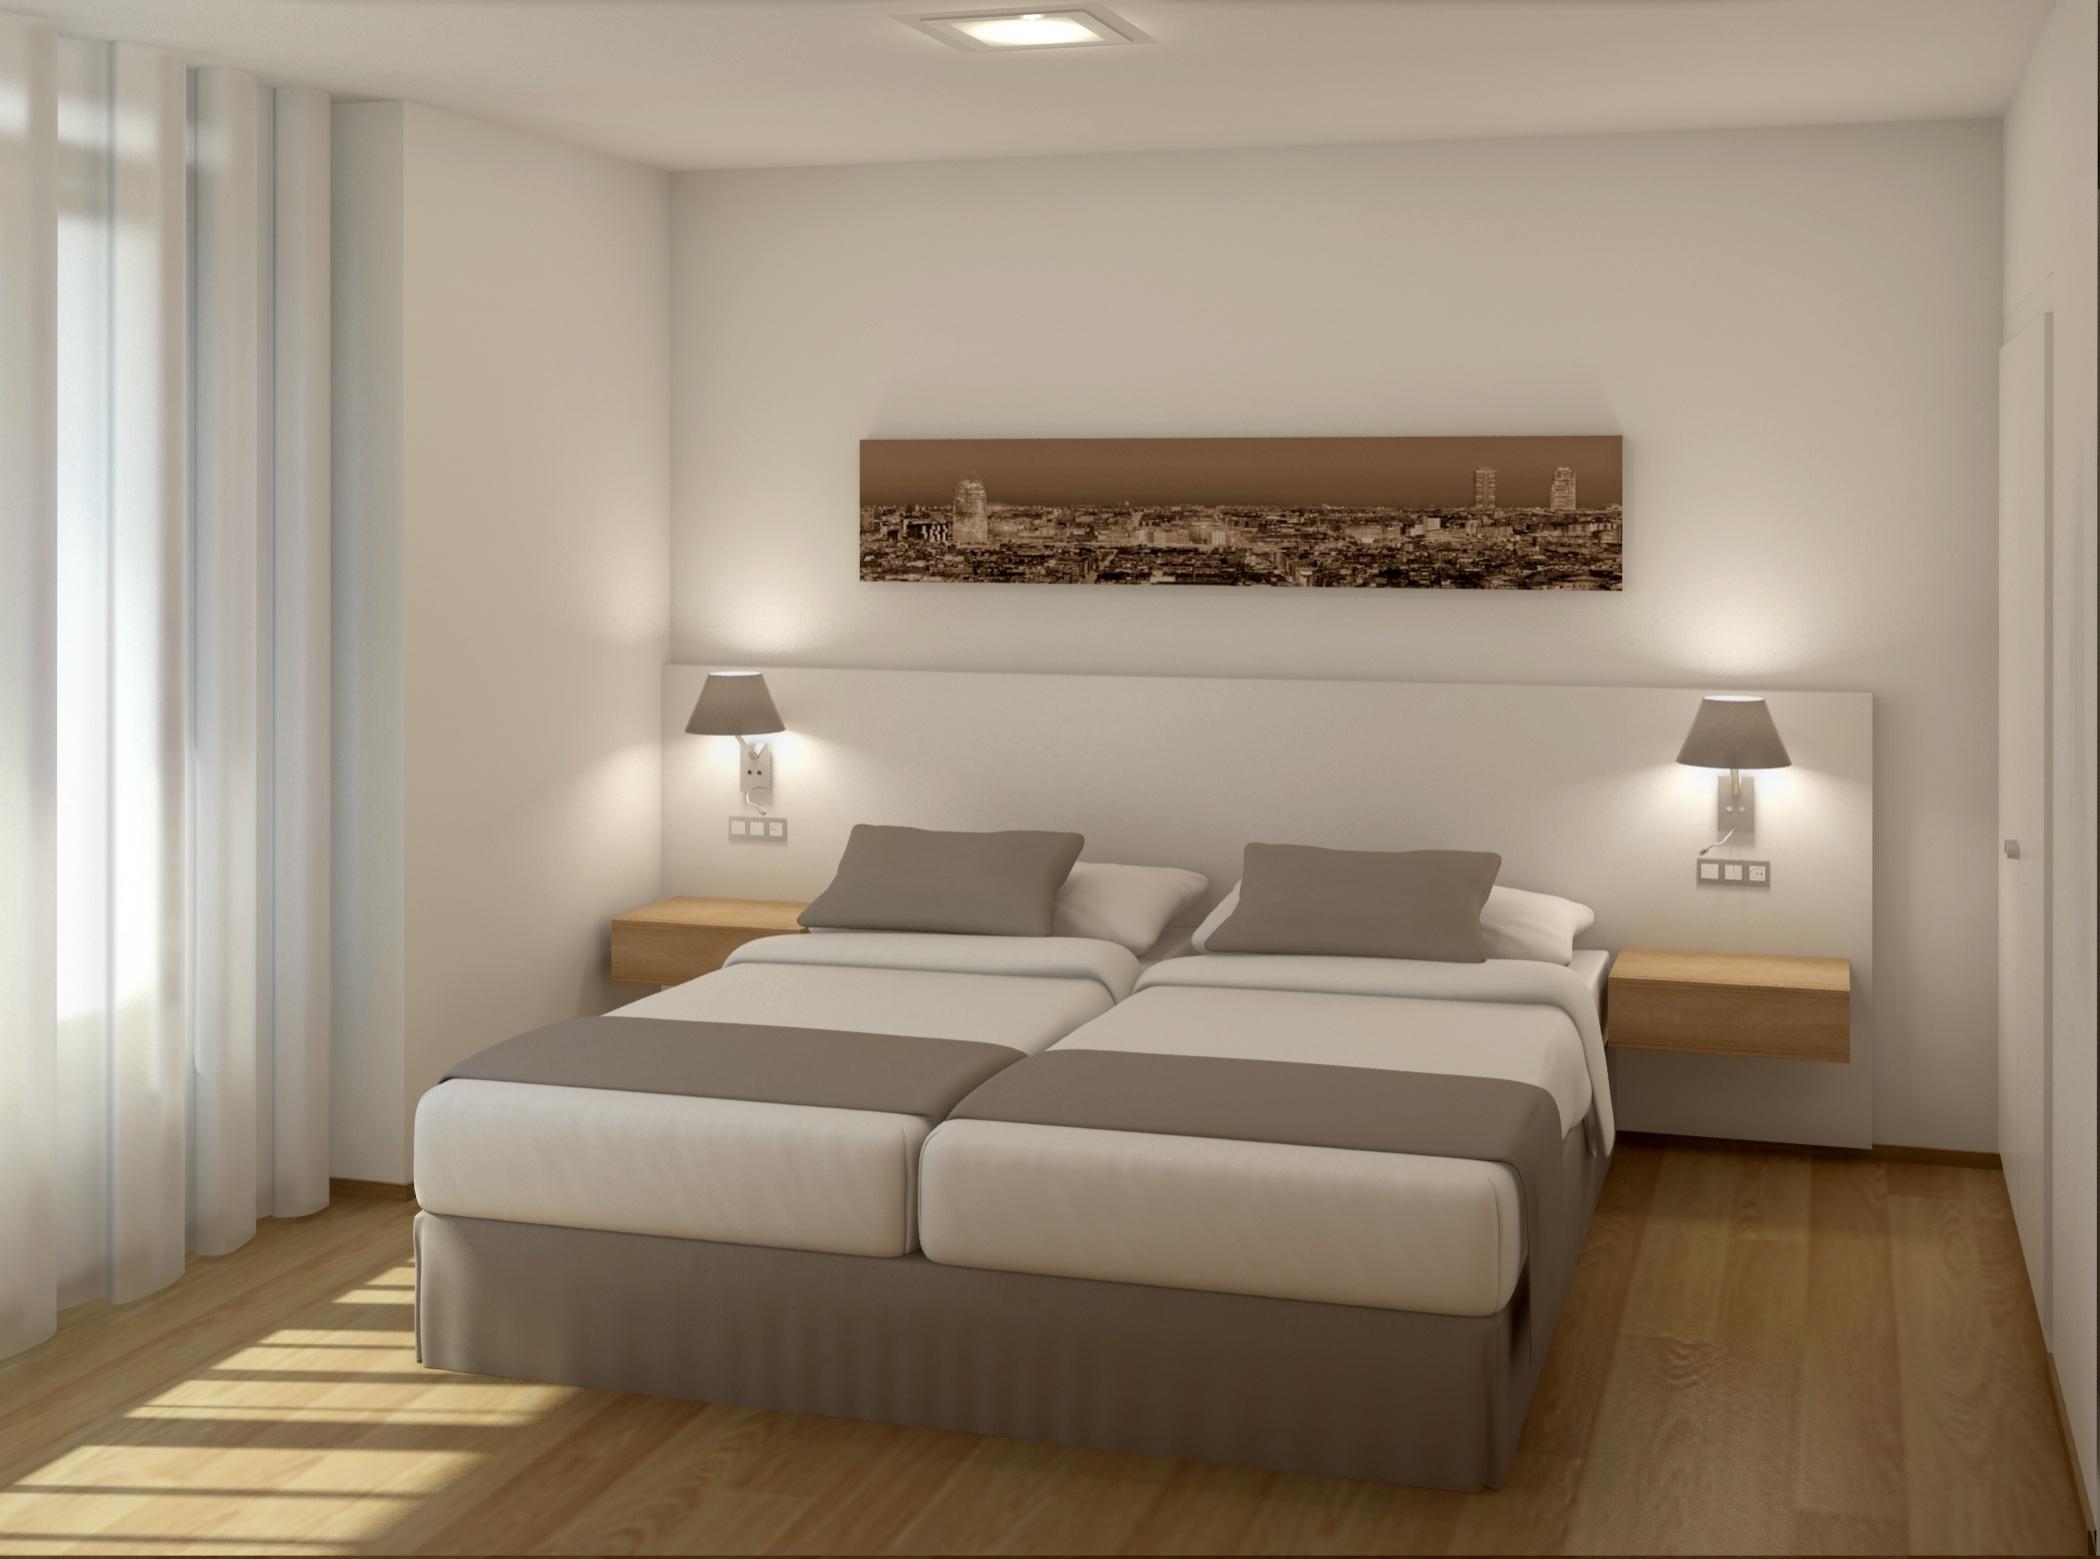 Fabrica de muebles en valencia madera natural o melamina venta al por mayor - Fabricantes de muebles en valencia ...